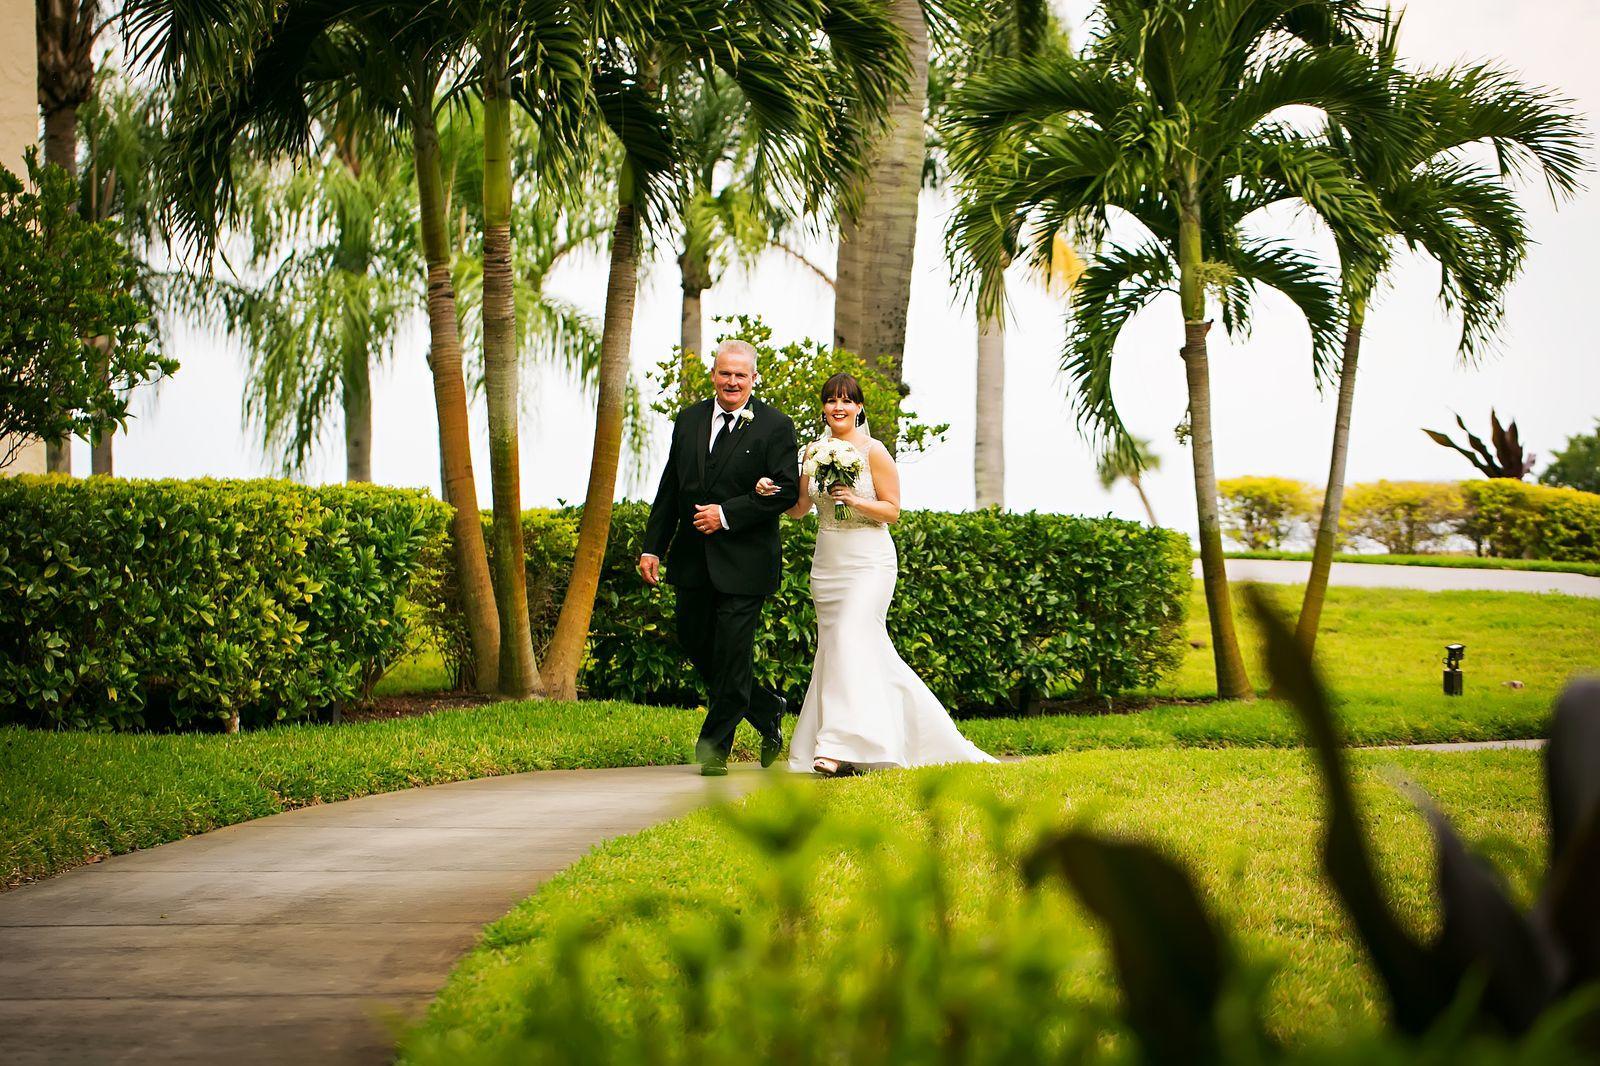 Father walking bride across landscape.